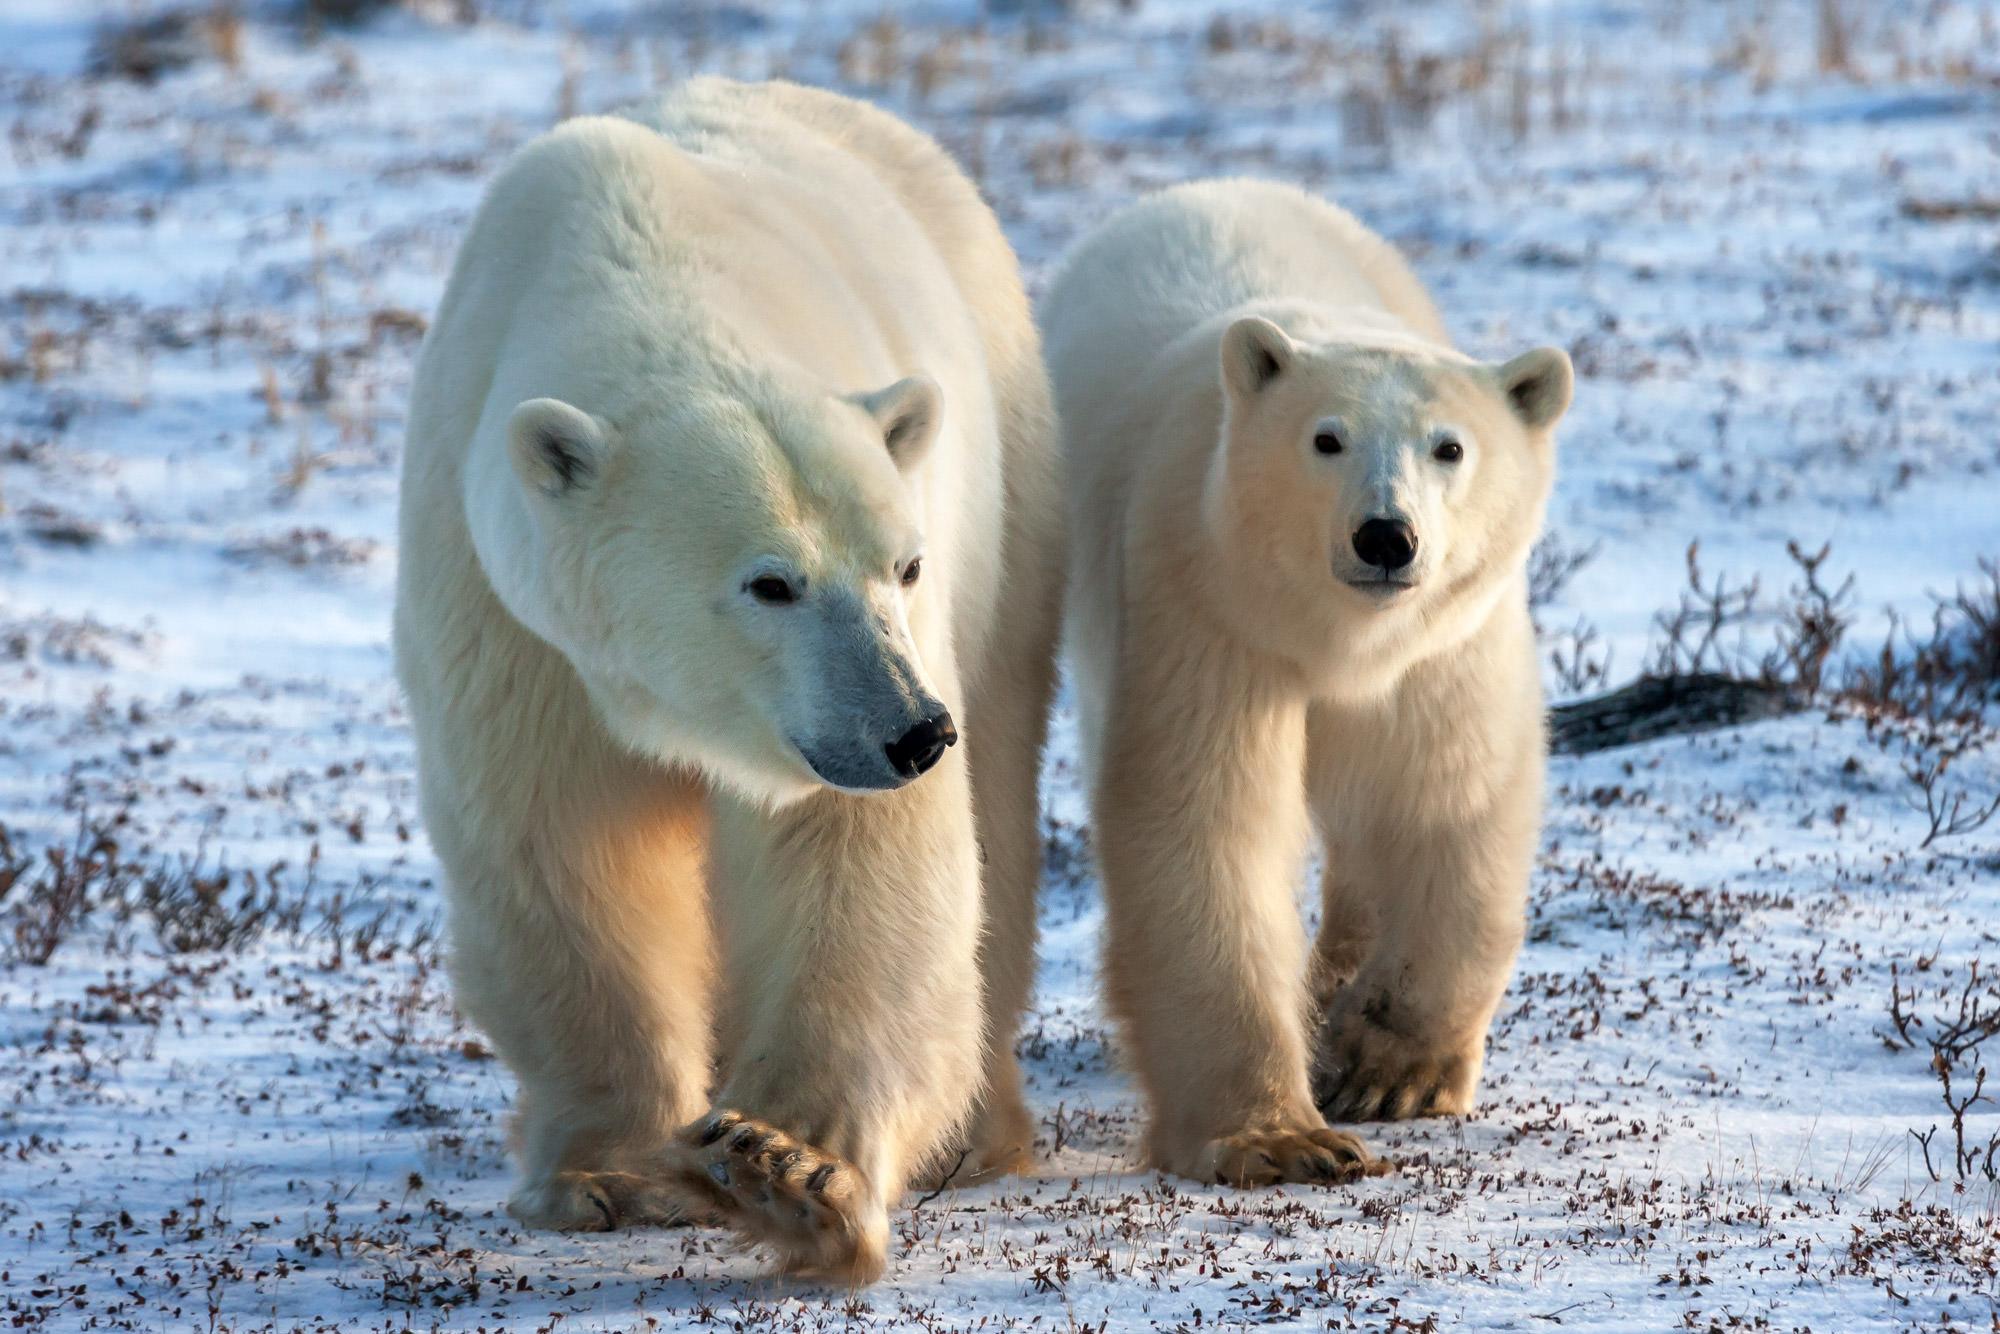 Bear, Polar Bear, Canada, Churchill, Manitoba, photo